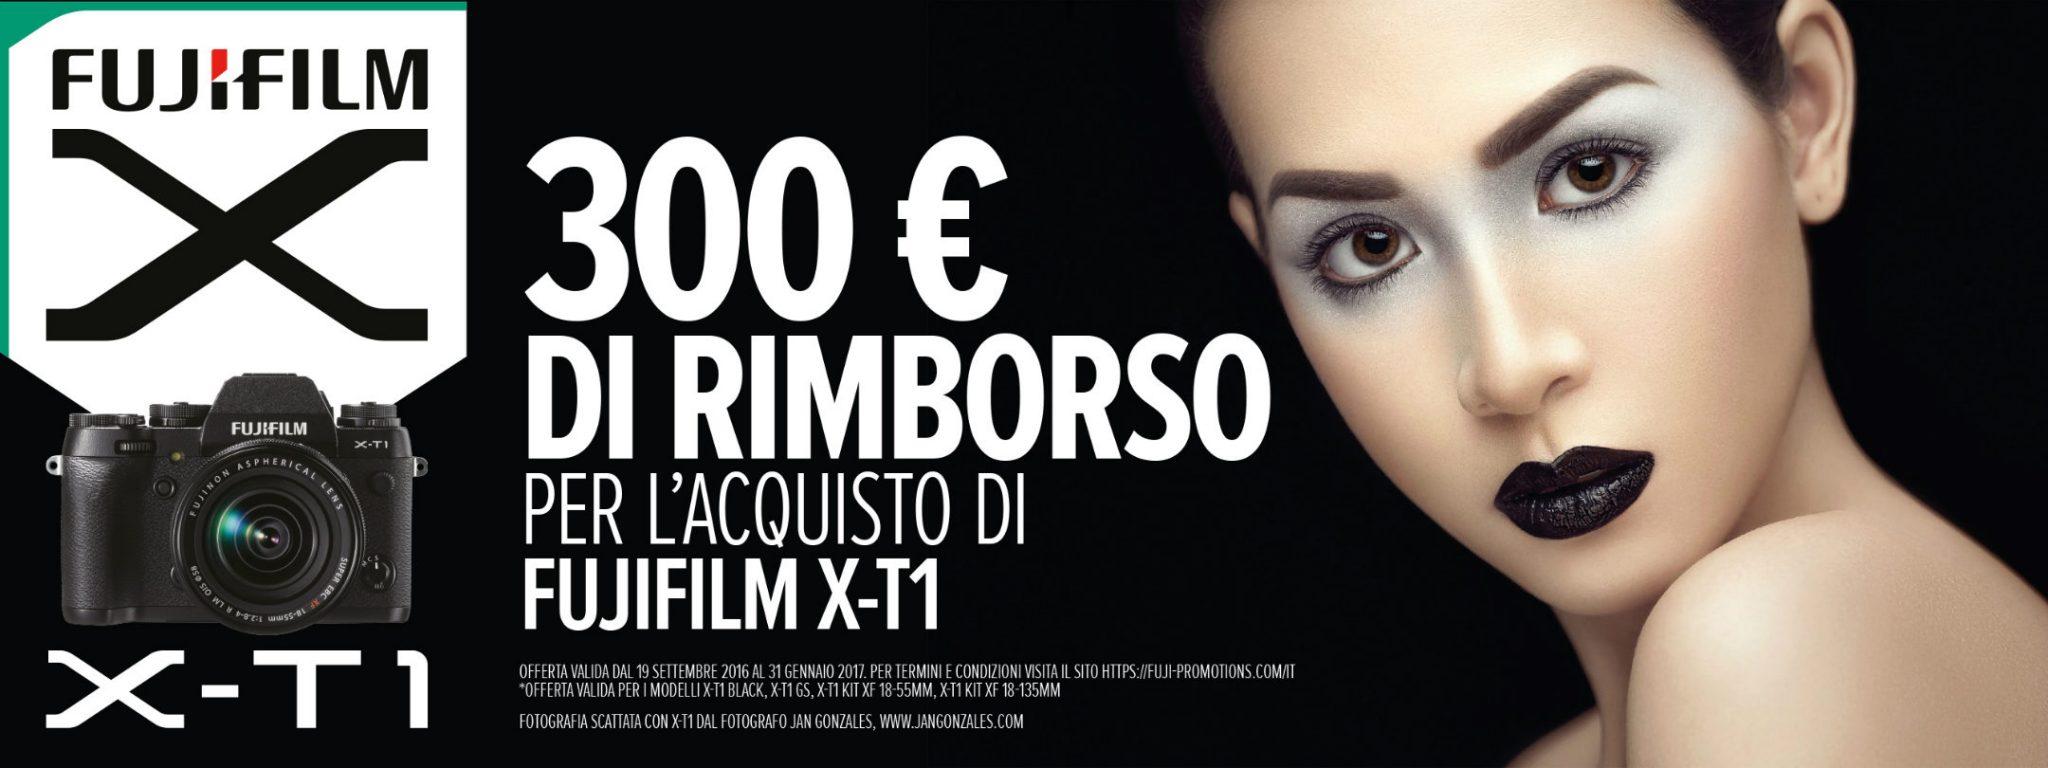 Nuovo cashback dedicato a Fujifilm X-T1: ecco come risparmiare molti soldi